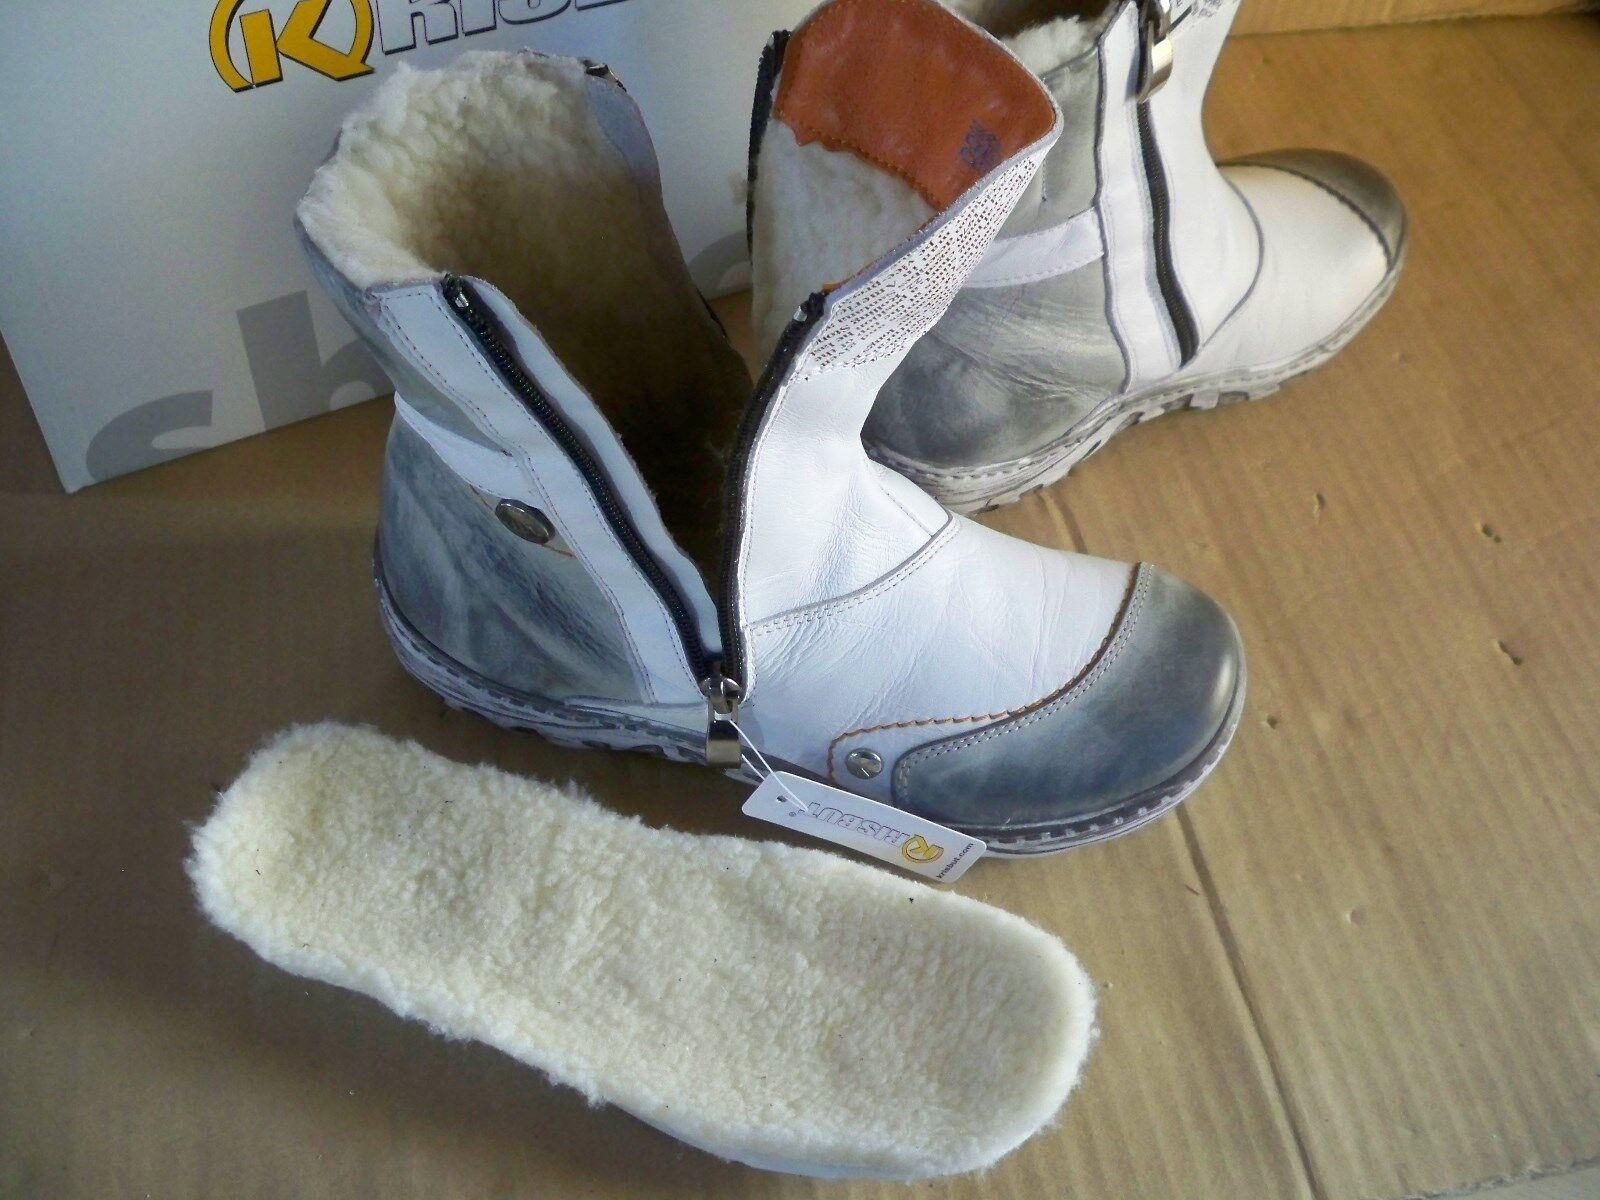 Krisbut Bottes vrac Femmes Boots cendré warmfutter en vrac Bottes Semelle Intérieure 3075-3-11 gr39 e0cc15